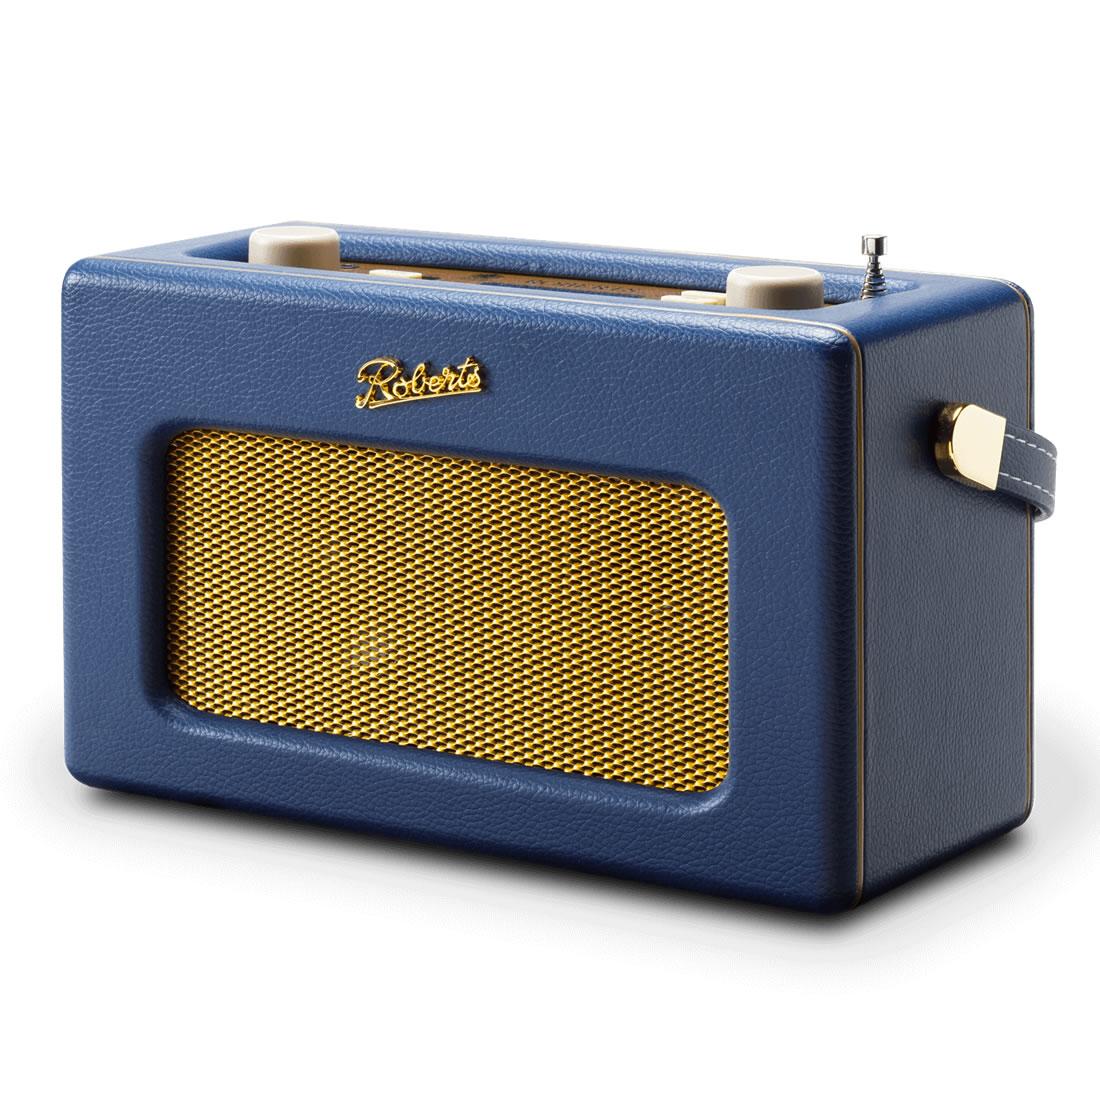 DAB/DAB+/FM RDS & WiFi Internet Radio Midnight Blue